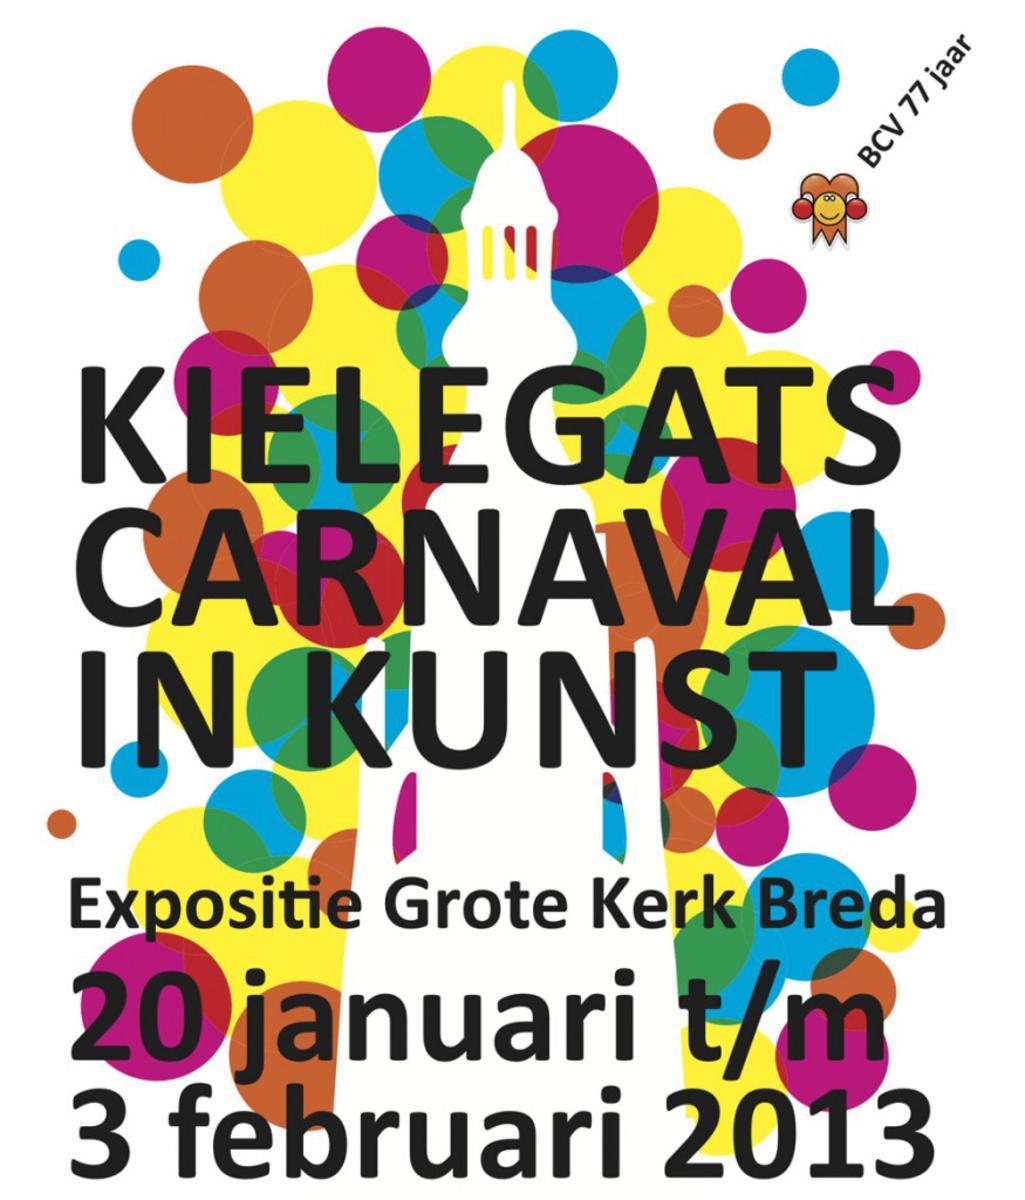 Poster voor de expositie Kielegats carnaval in Kunst.